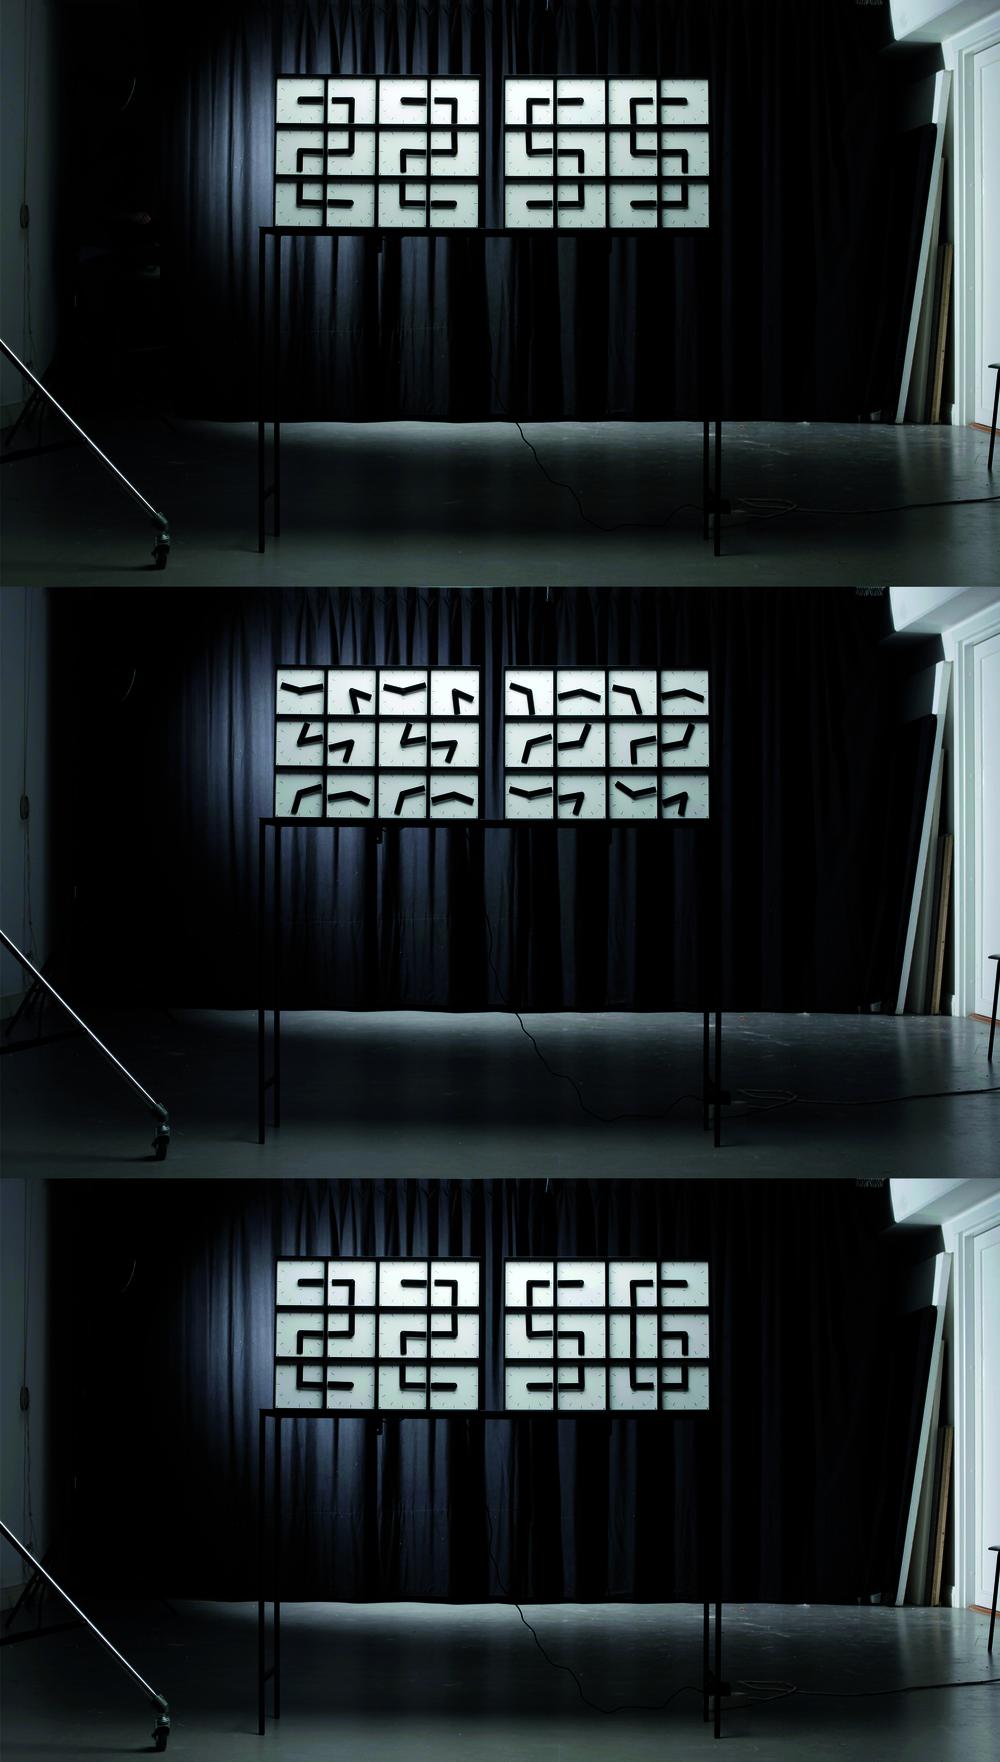 002_The clock clock.jpg